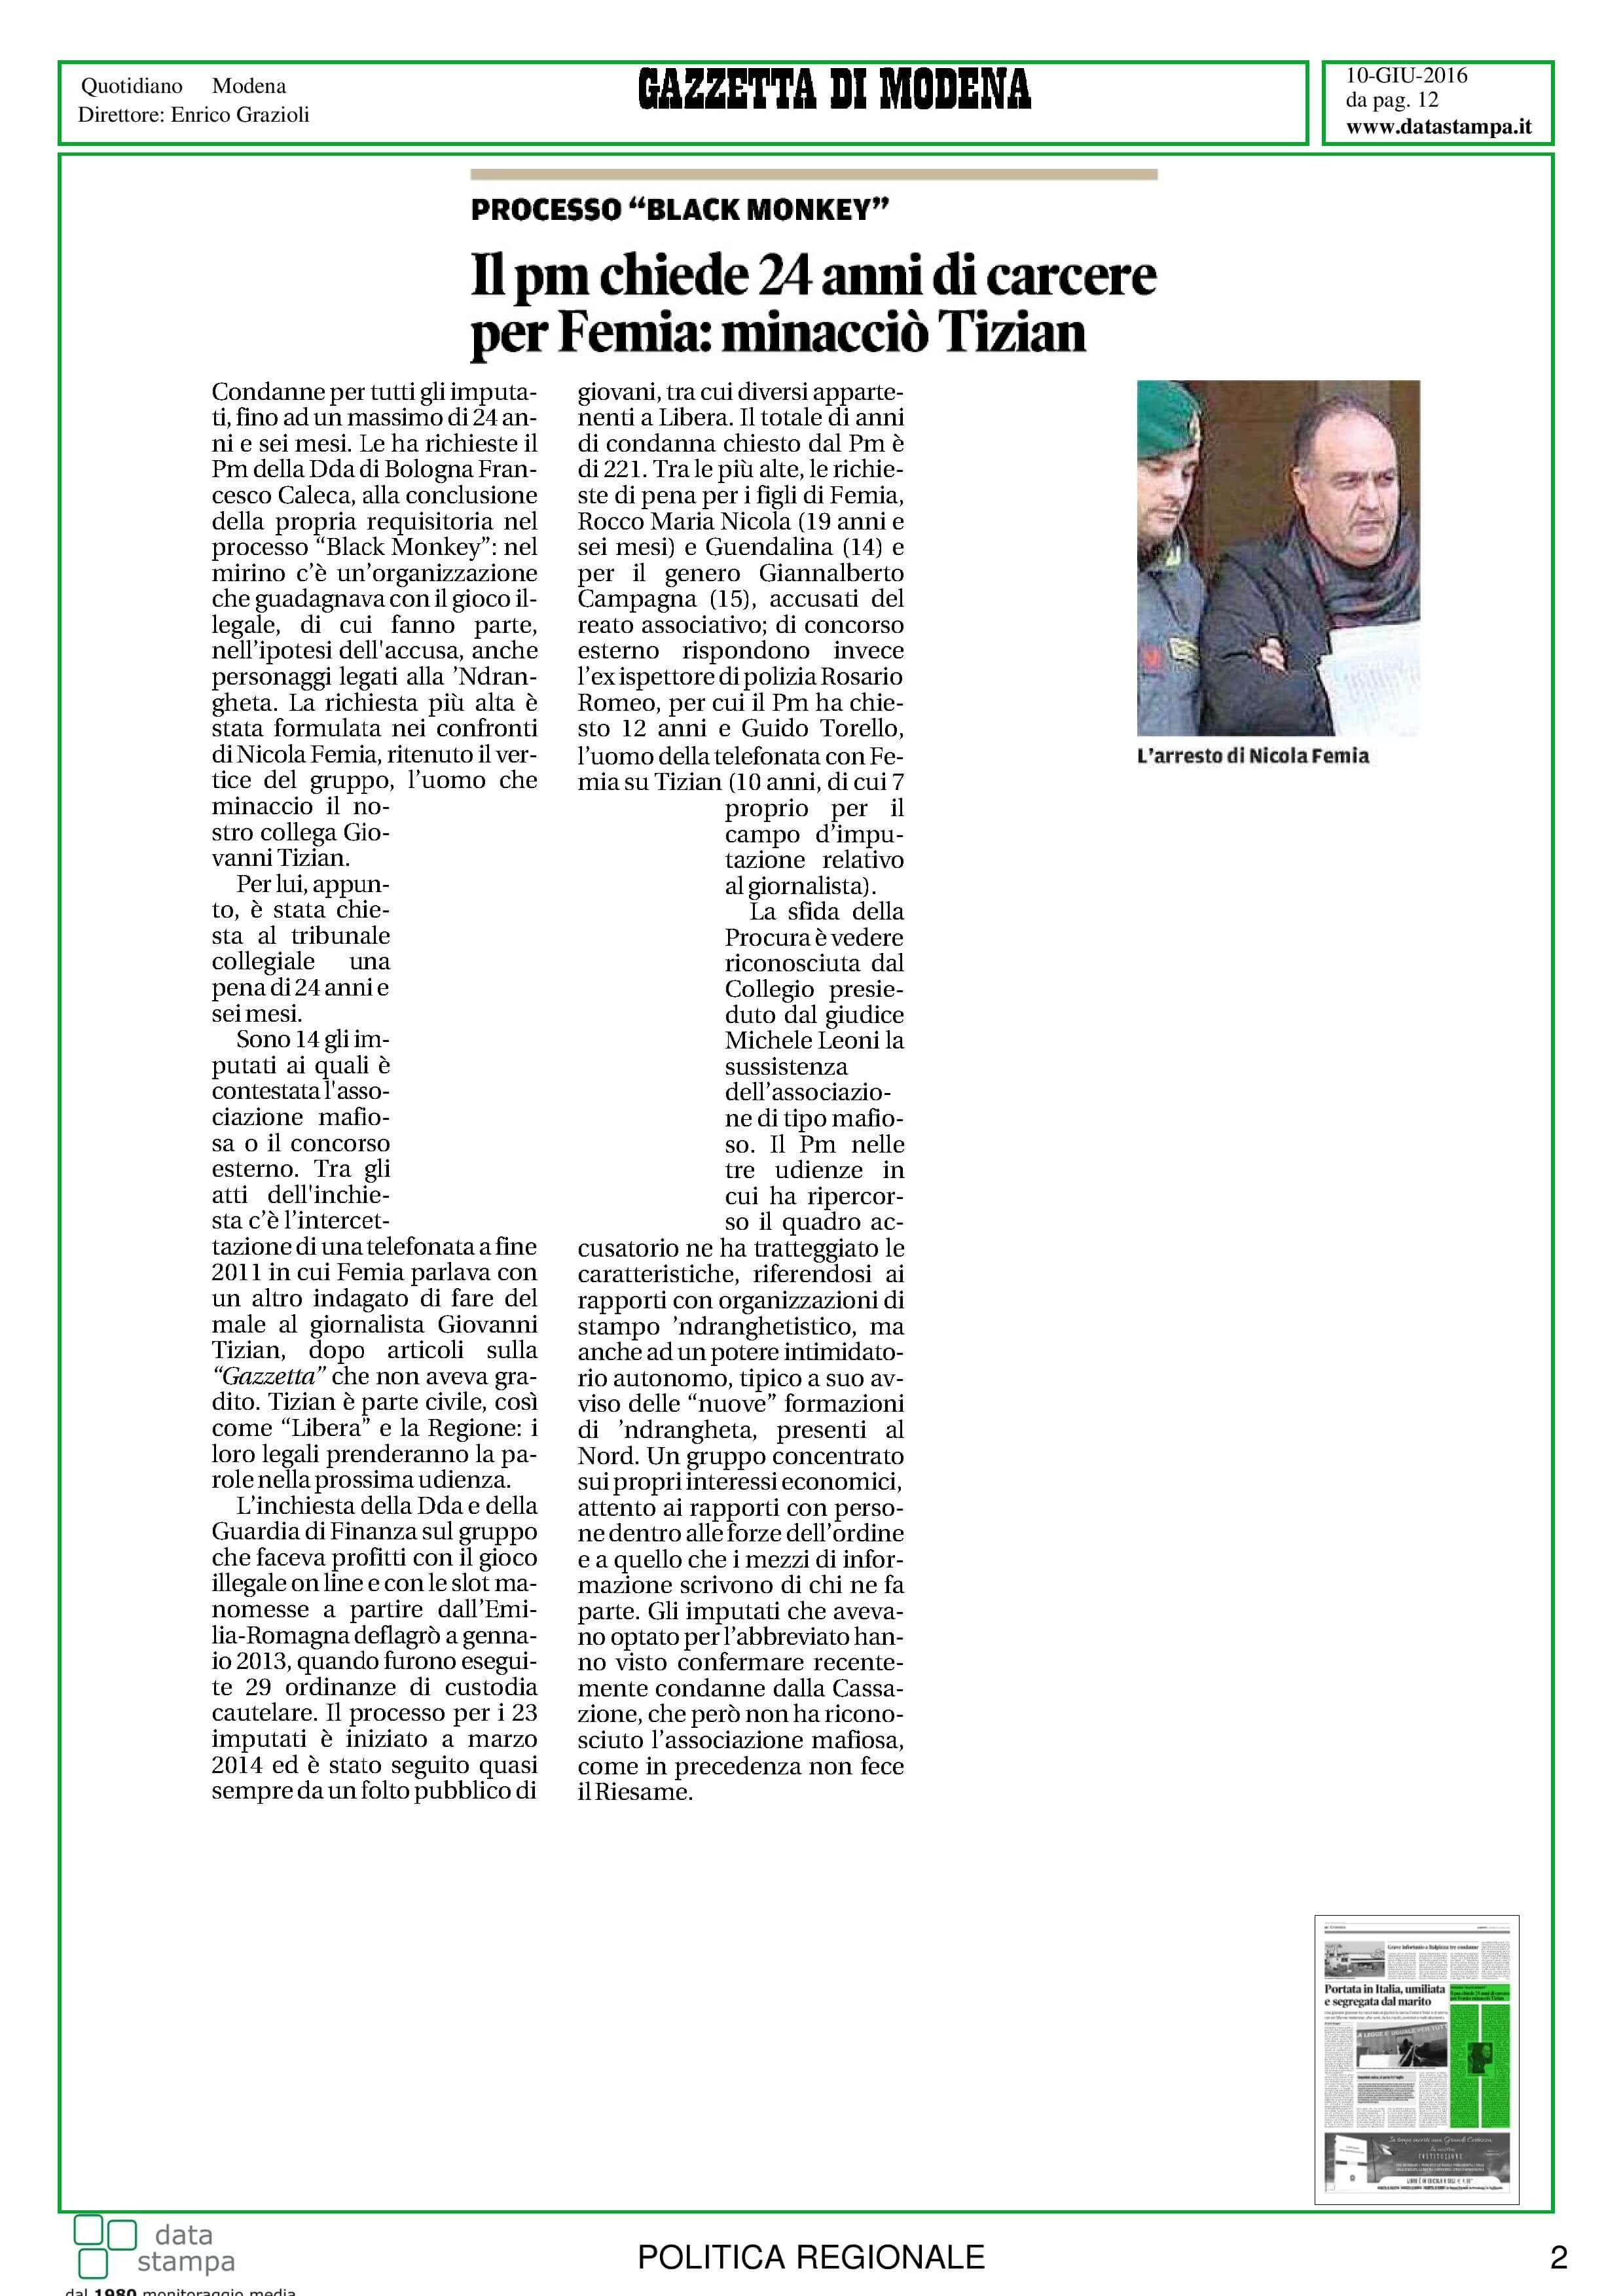 mafia-legalita-in-er-9-10-giugno-page-003